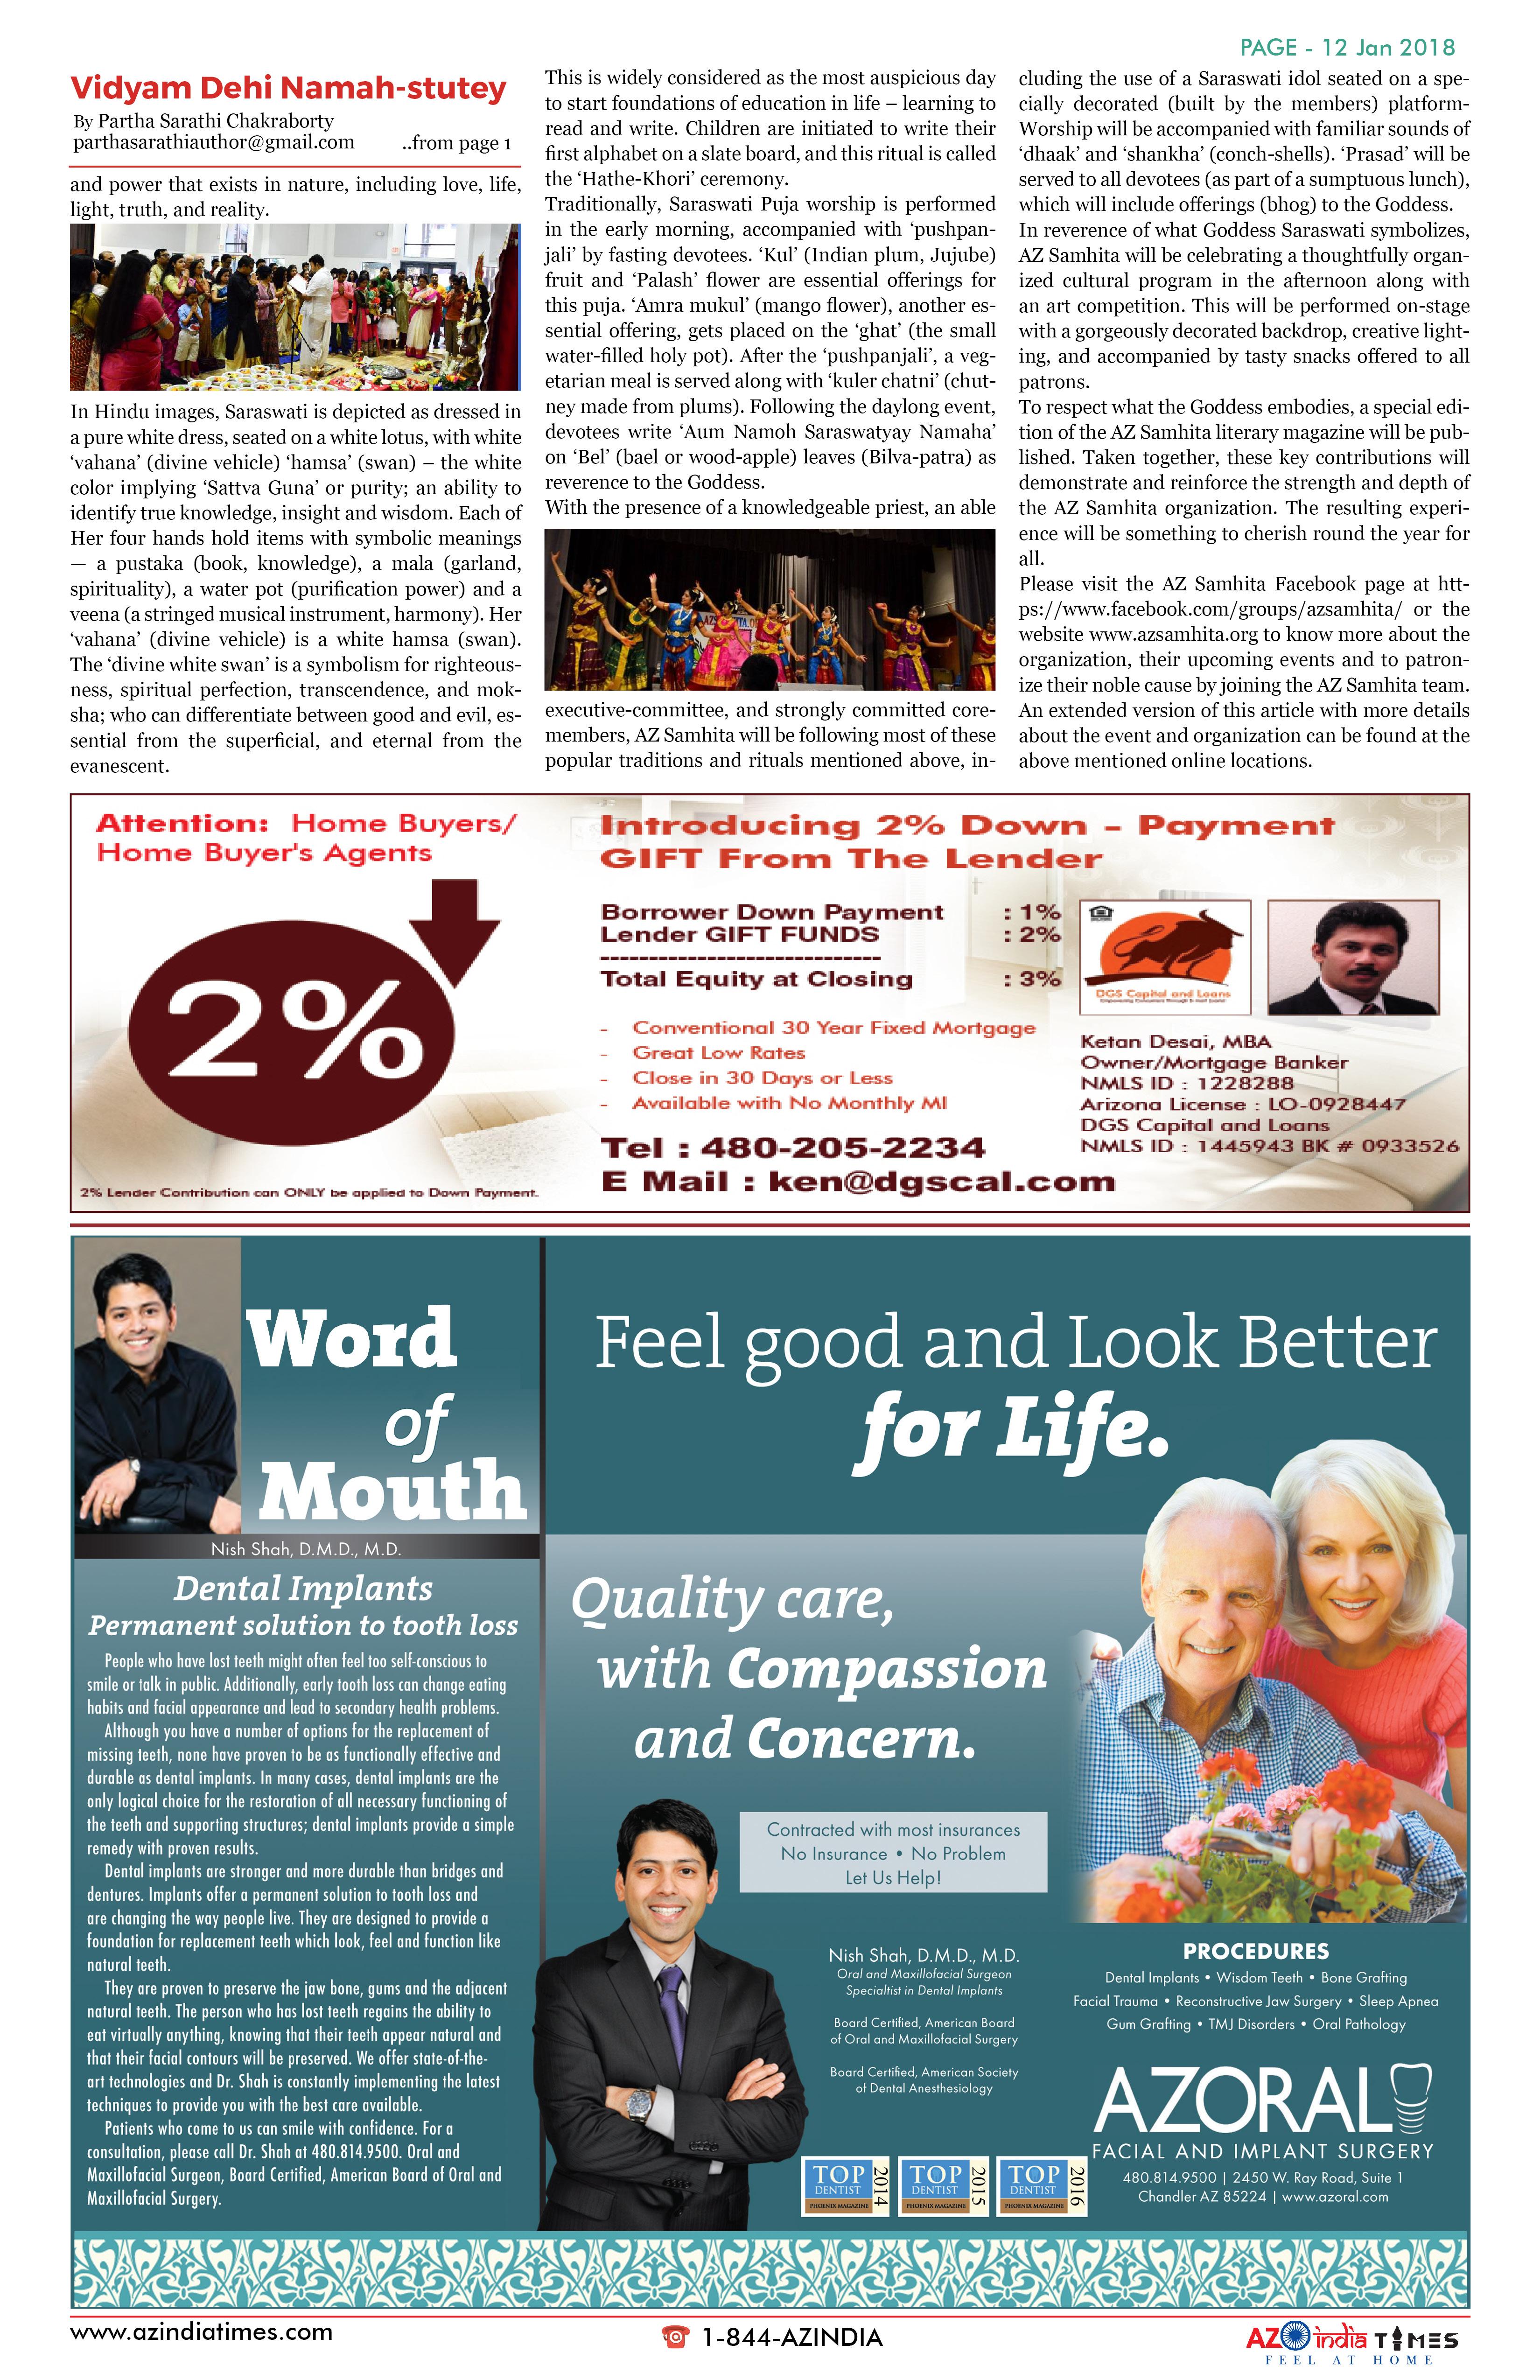 AZINIDA TIMES JANUARY EDITION12